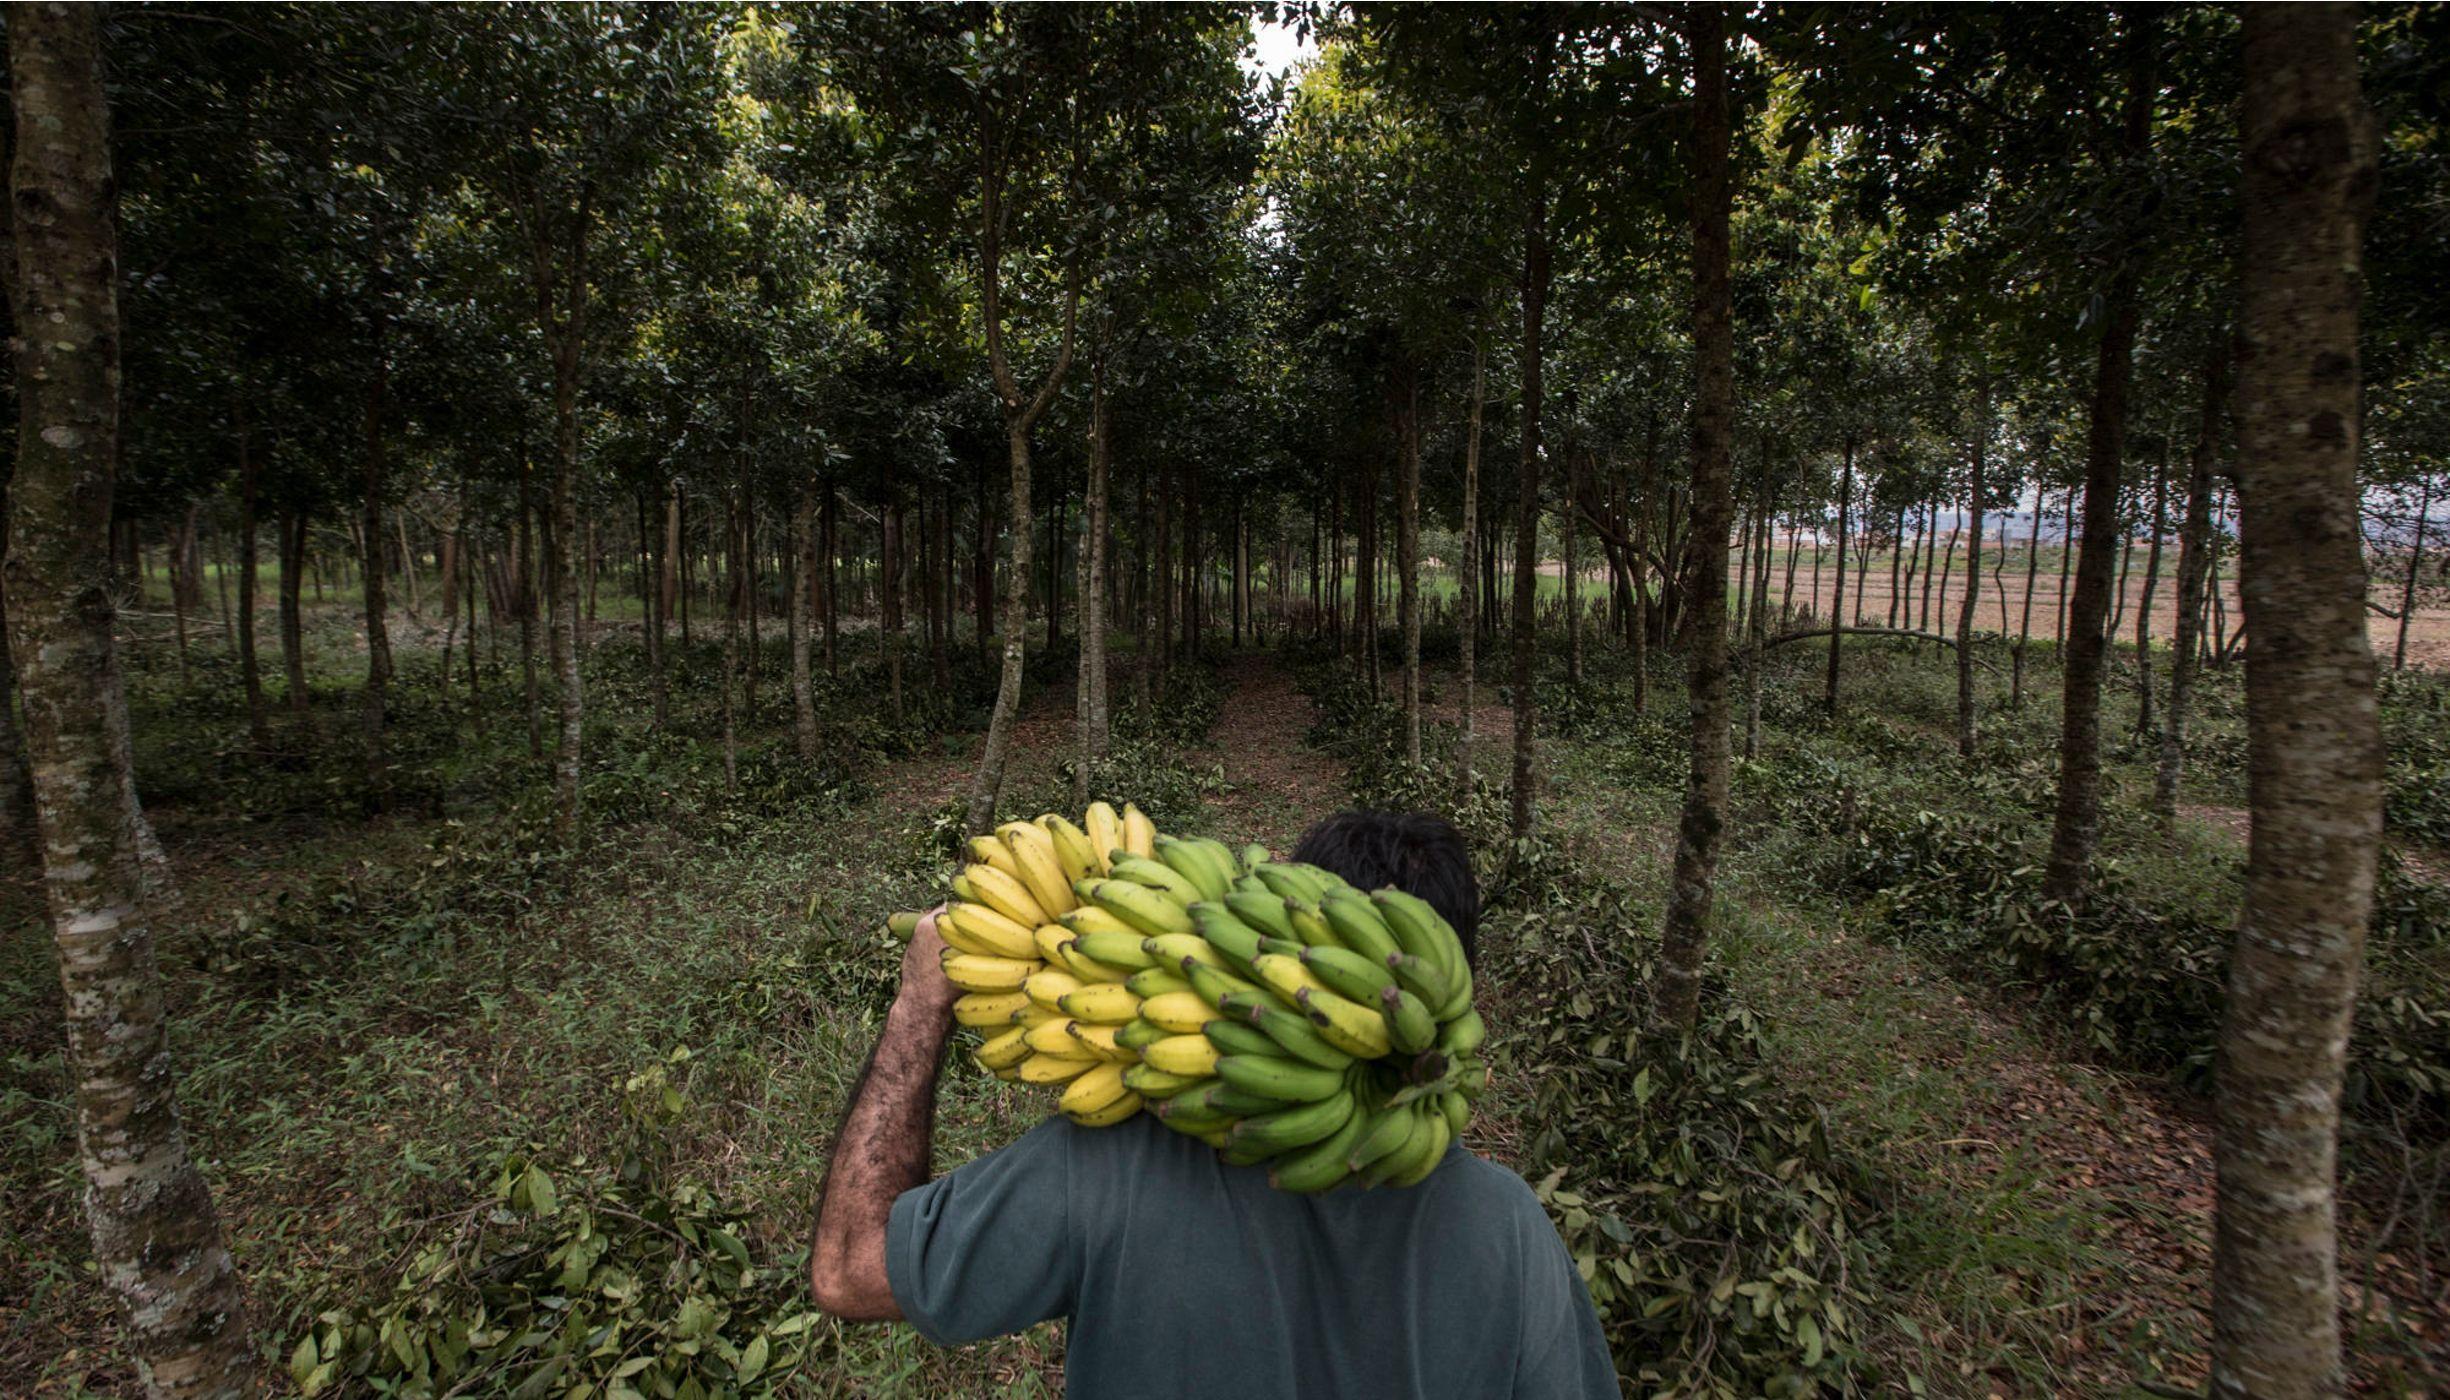 Patrick Assumpção, produtor rural de Pindamonhangaba-SP, investiu na produção em sistema agroflorestais, integrando árvores nativas da Mata Atlântica com espécies frutíferas.